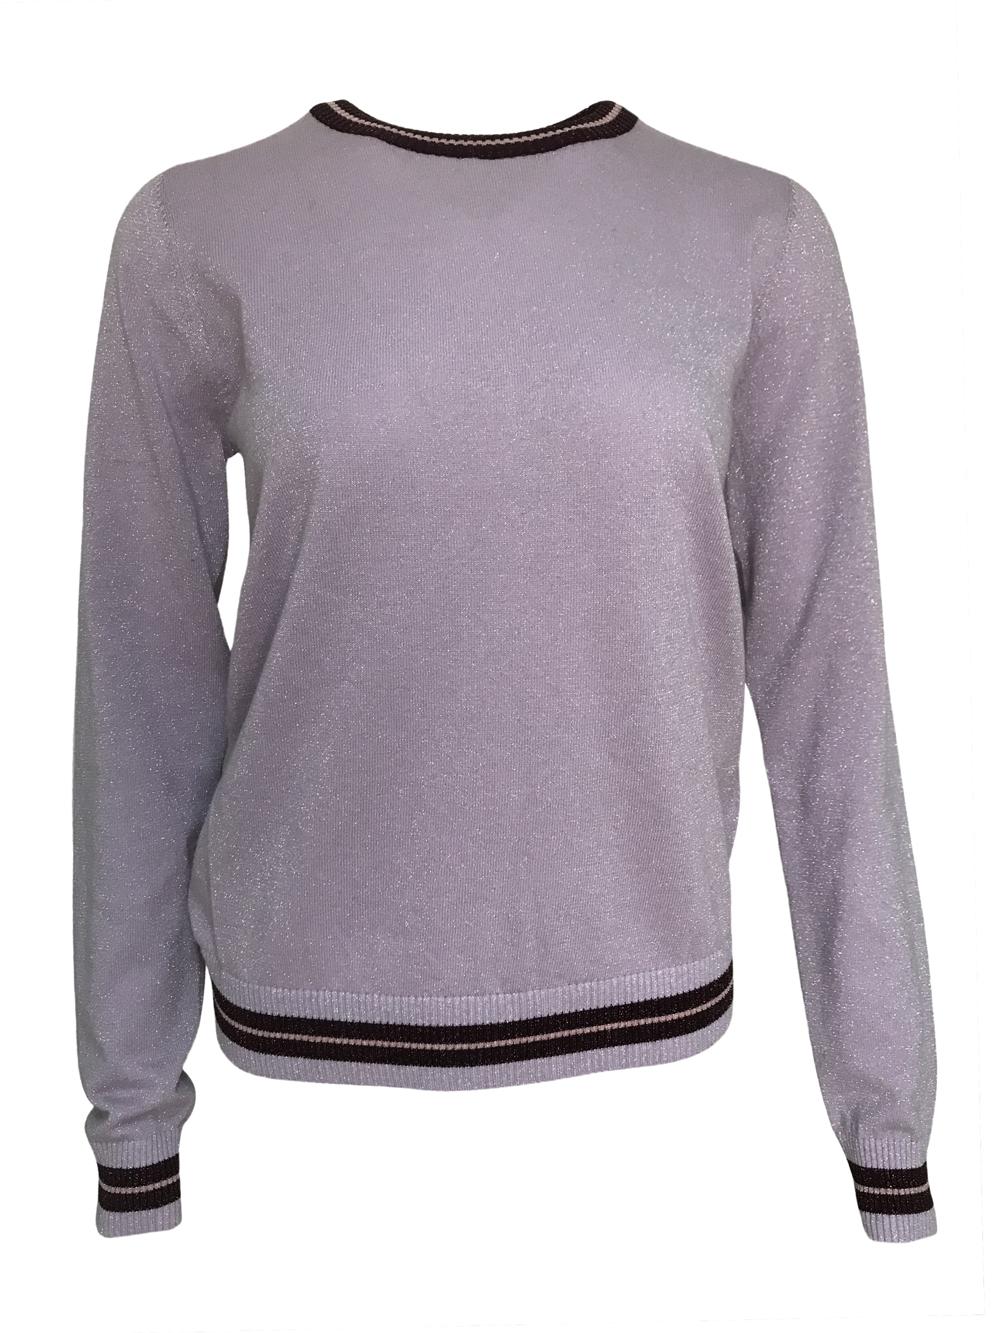 neo-noir-raven-blouse-lavender